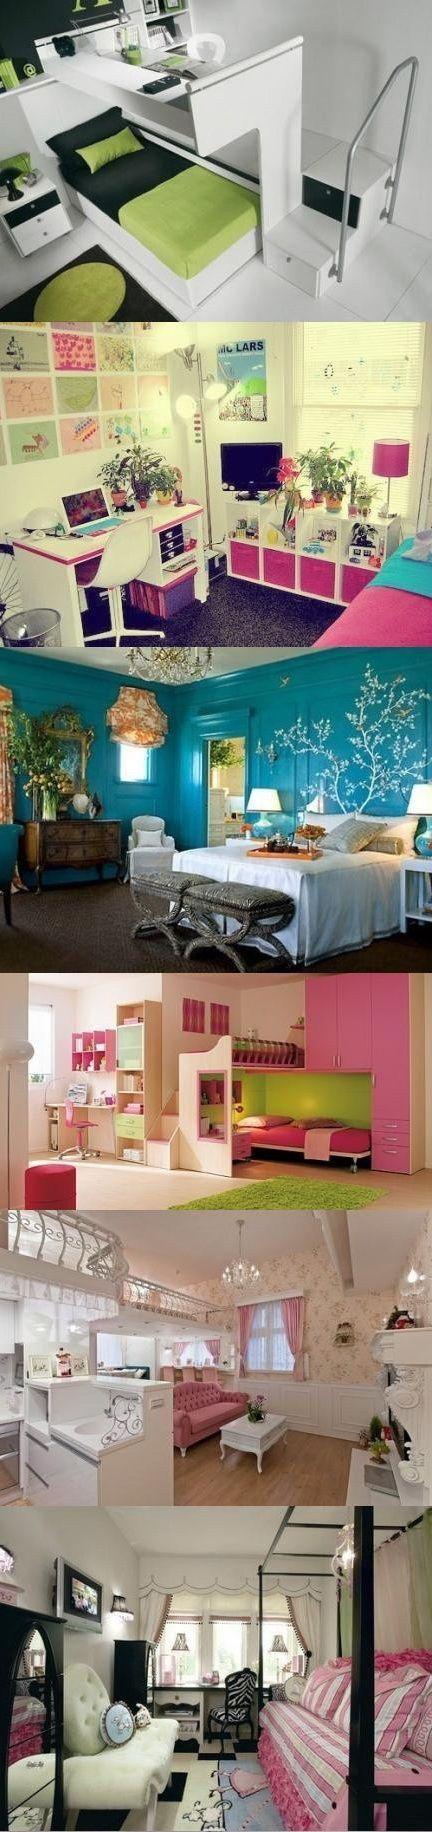 Vor und nach der renovierung des hauses  besten kids room bilder auf pinterest